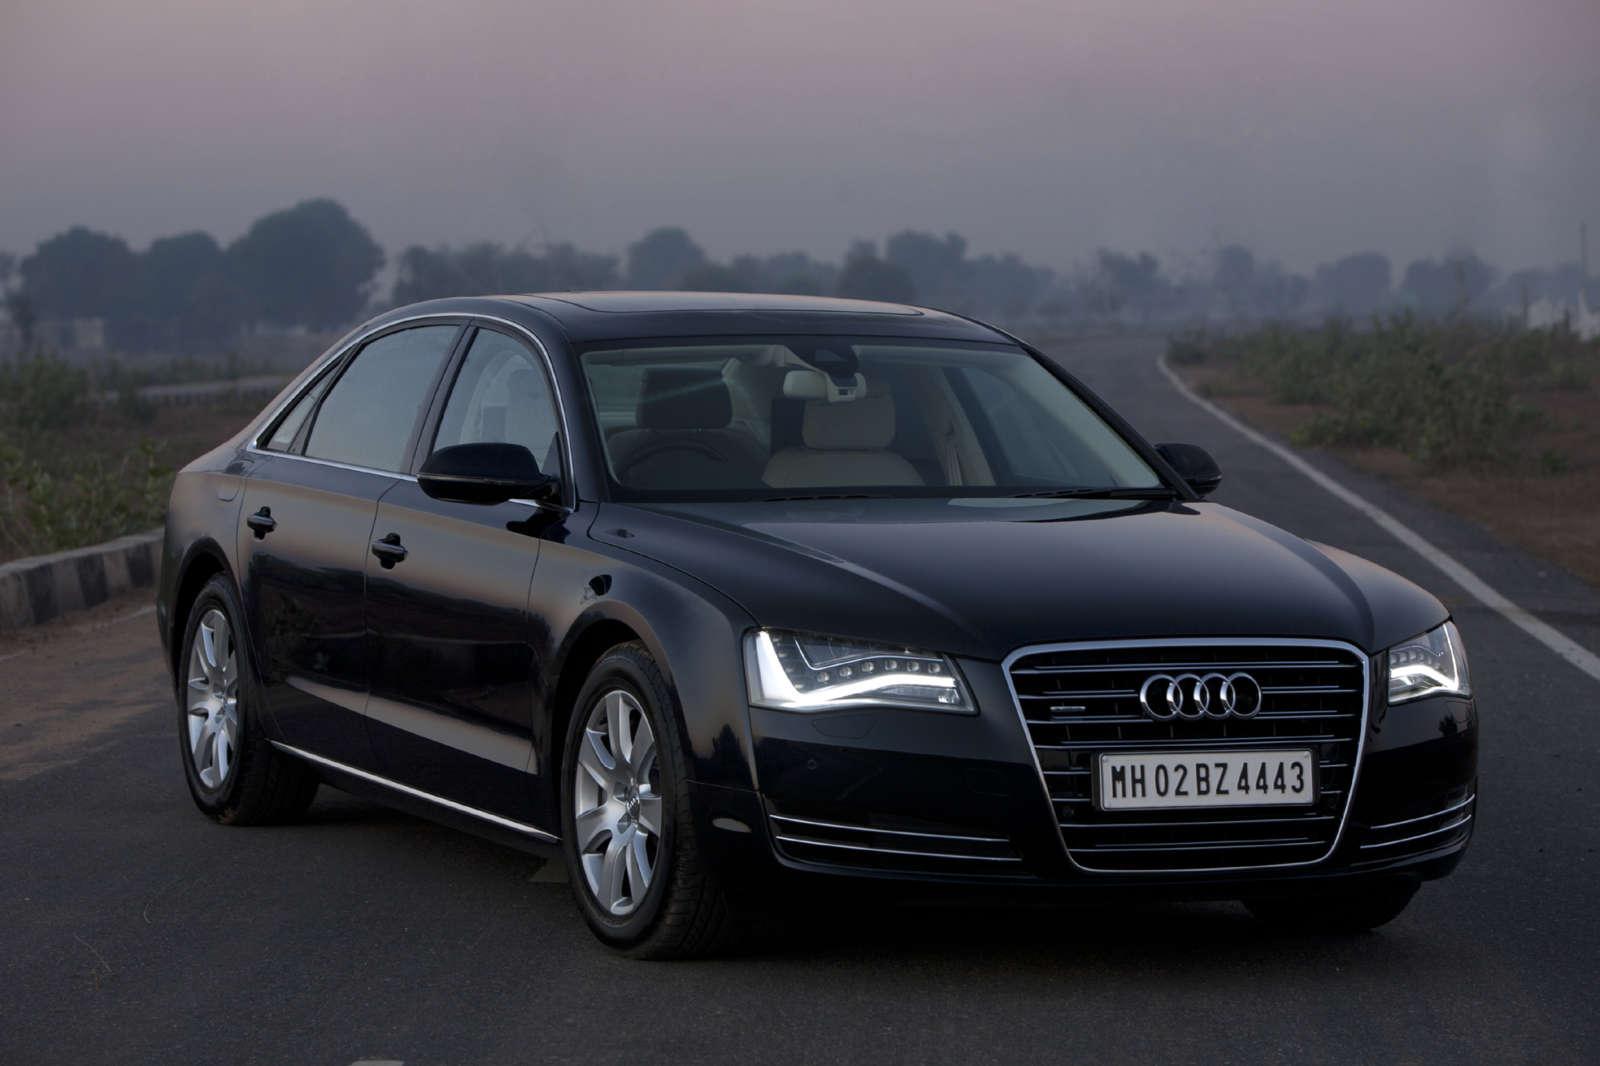 Audi A8l India Motoroids Com